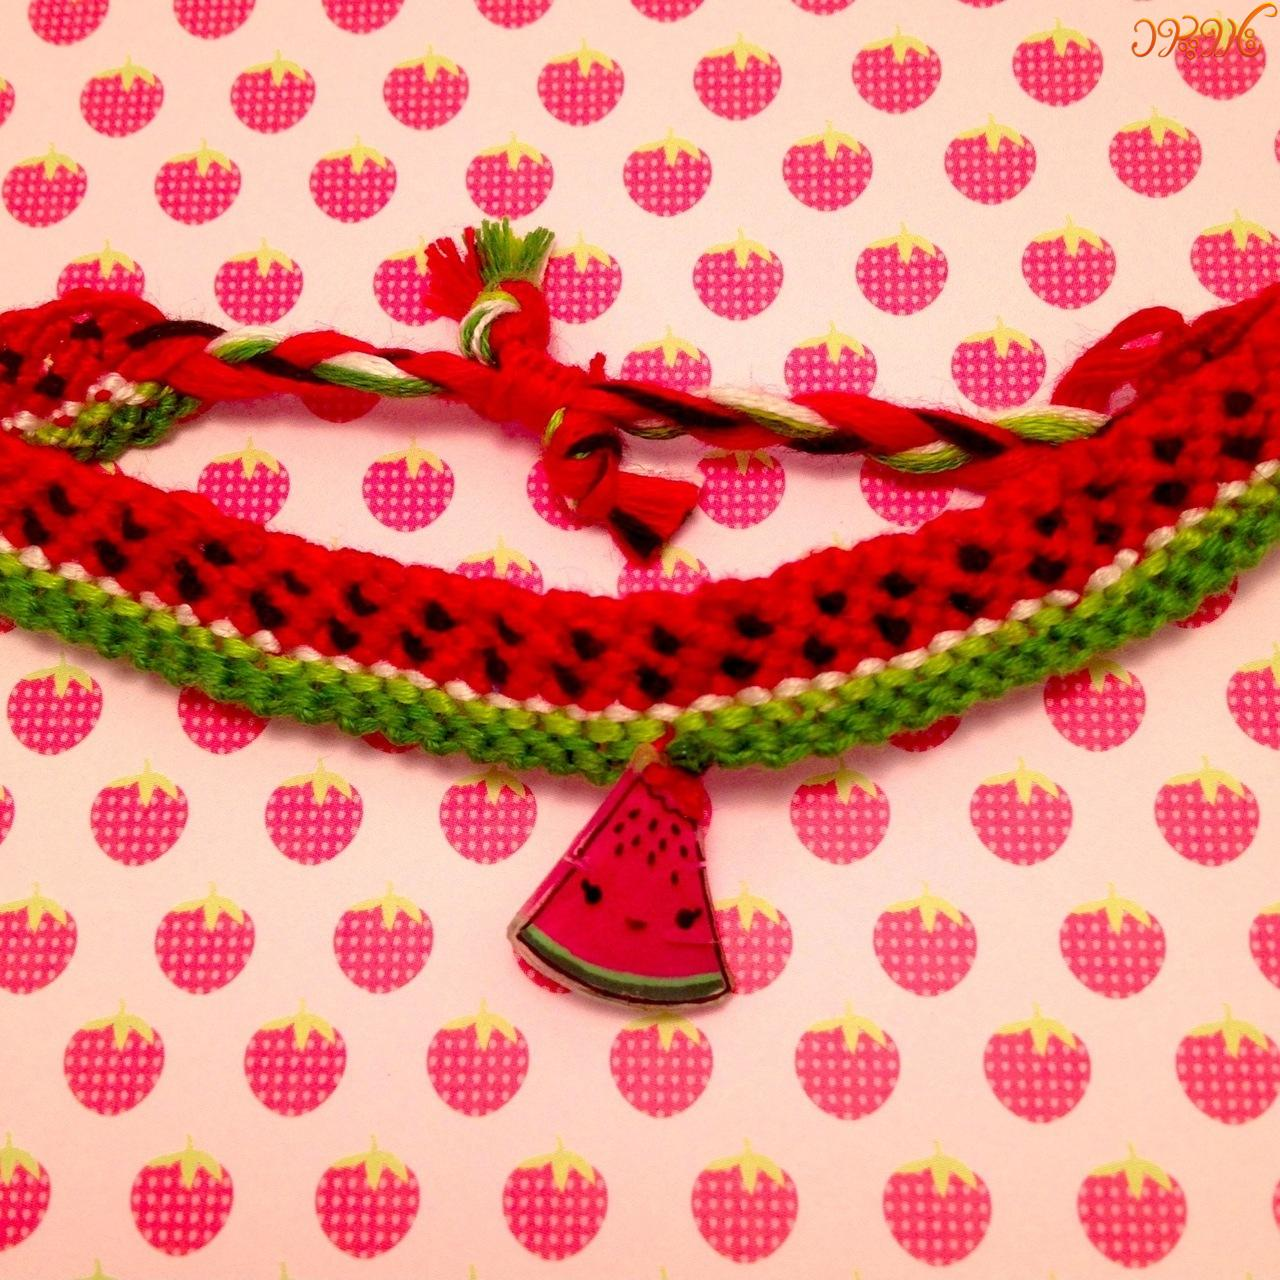 آموزش بافت دستبند دوستی طرح زیبای هندوانه